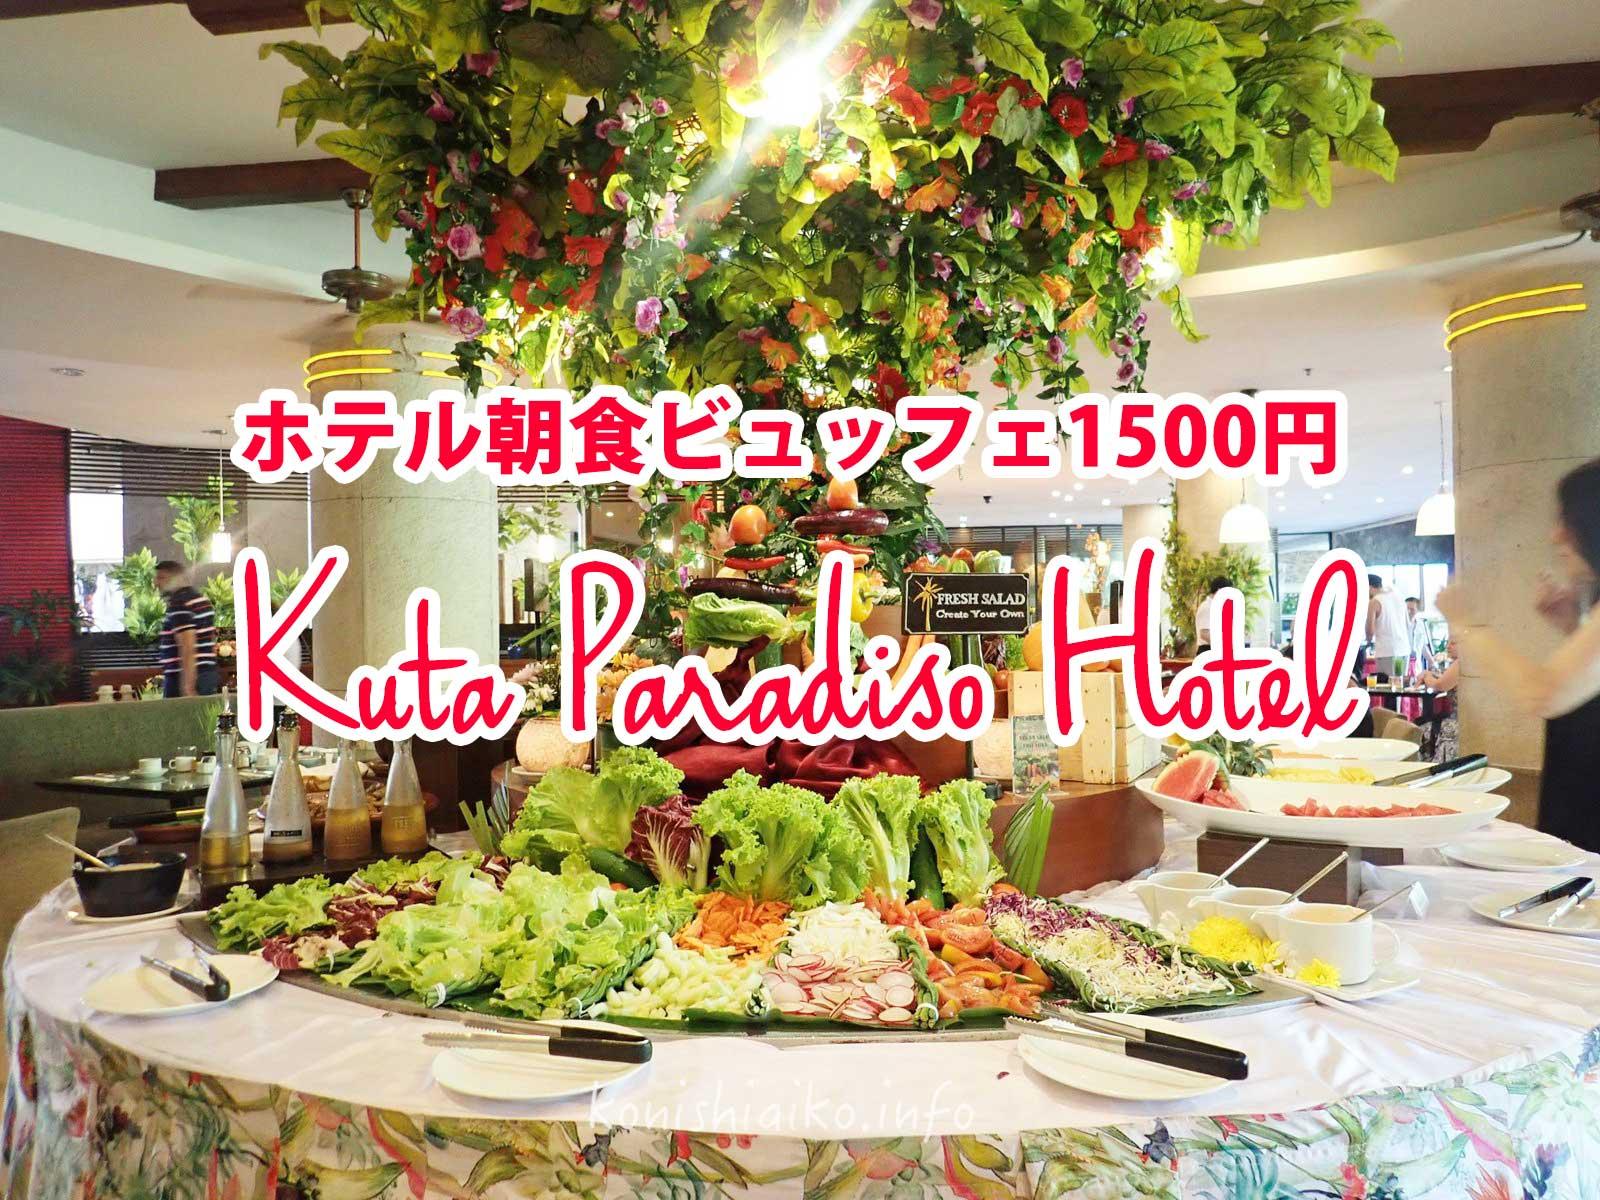 バリ島クタパラディソホテルの朝食ビュッフェ1500円がなかなかやるよ ~Buffet breakfast at Kuta Paradiso Hotel~